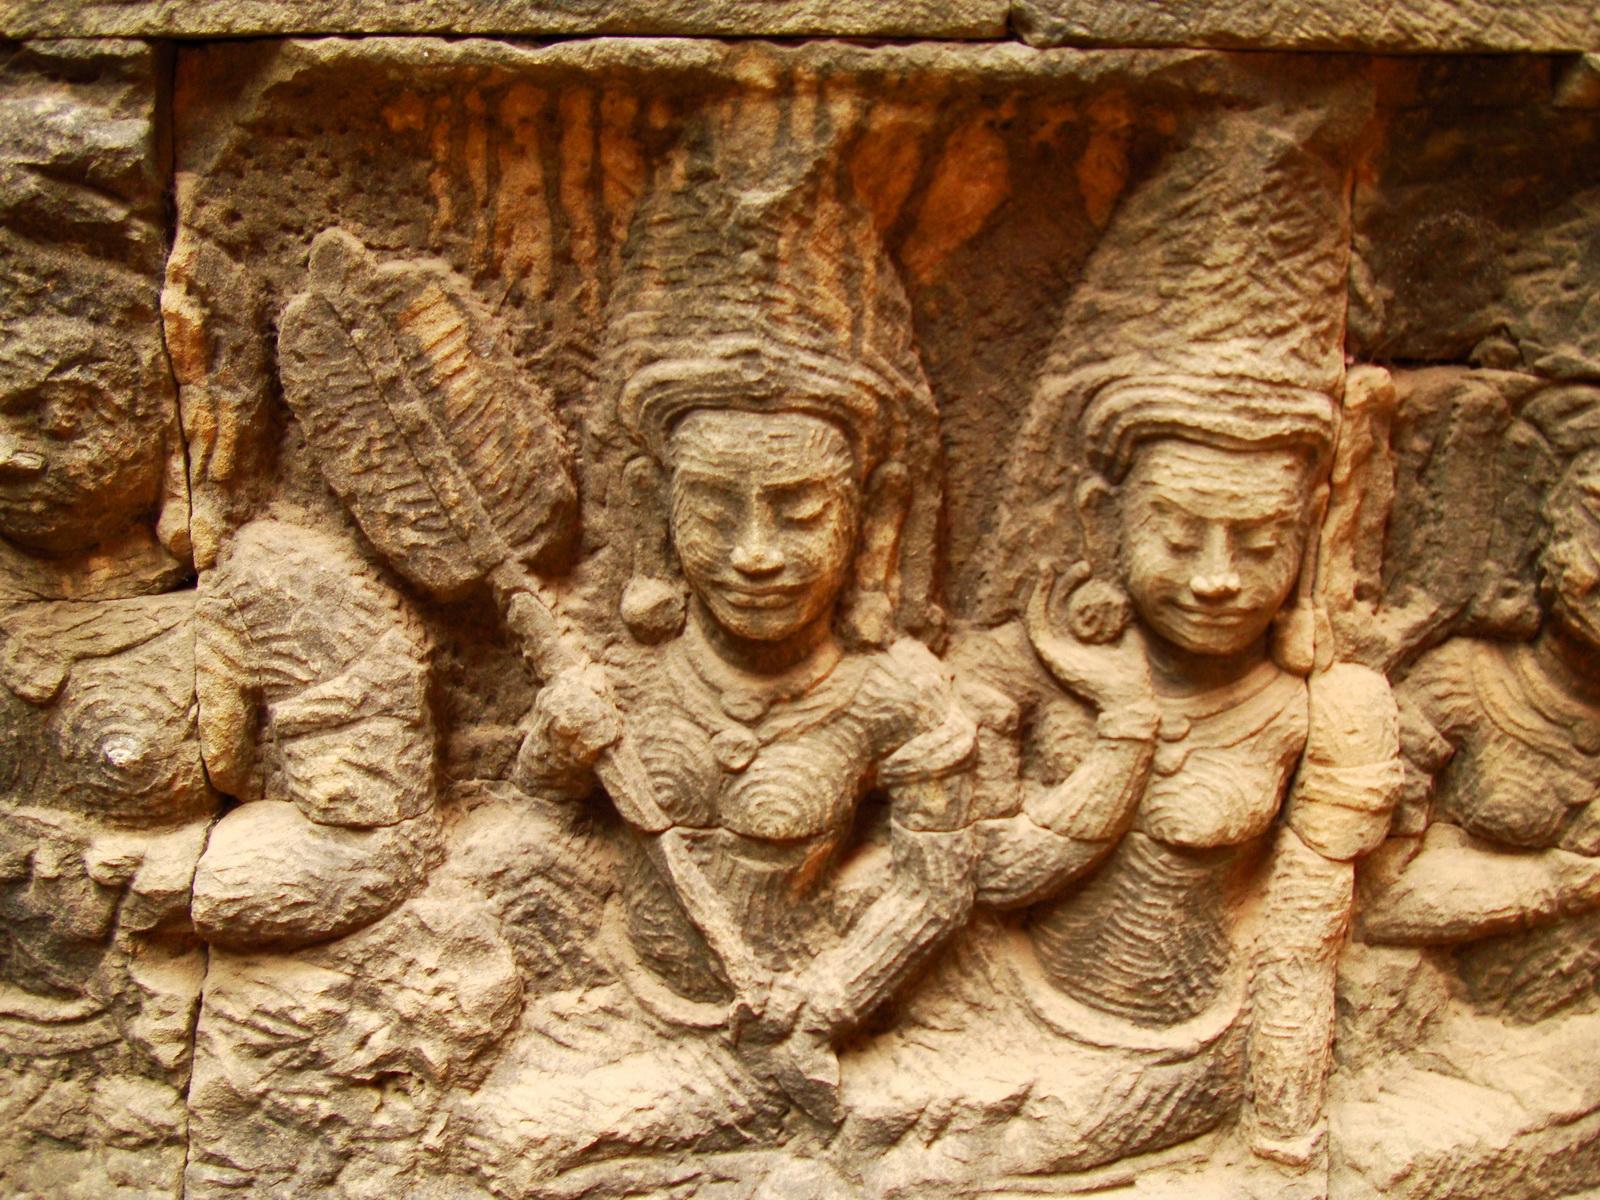 Leper King Terrace hidden wall underworld Nagas and deities 134